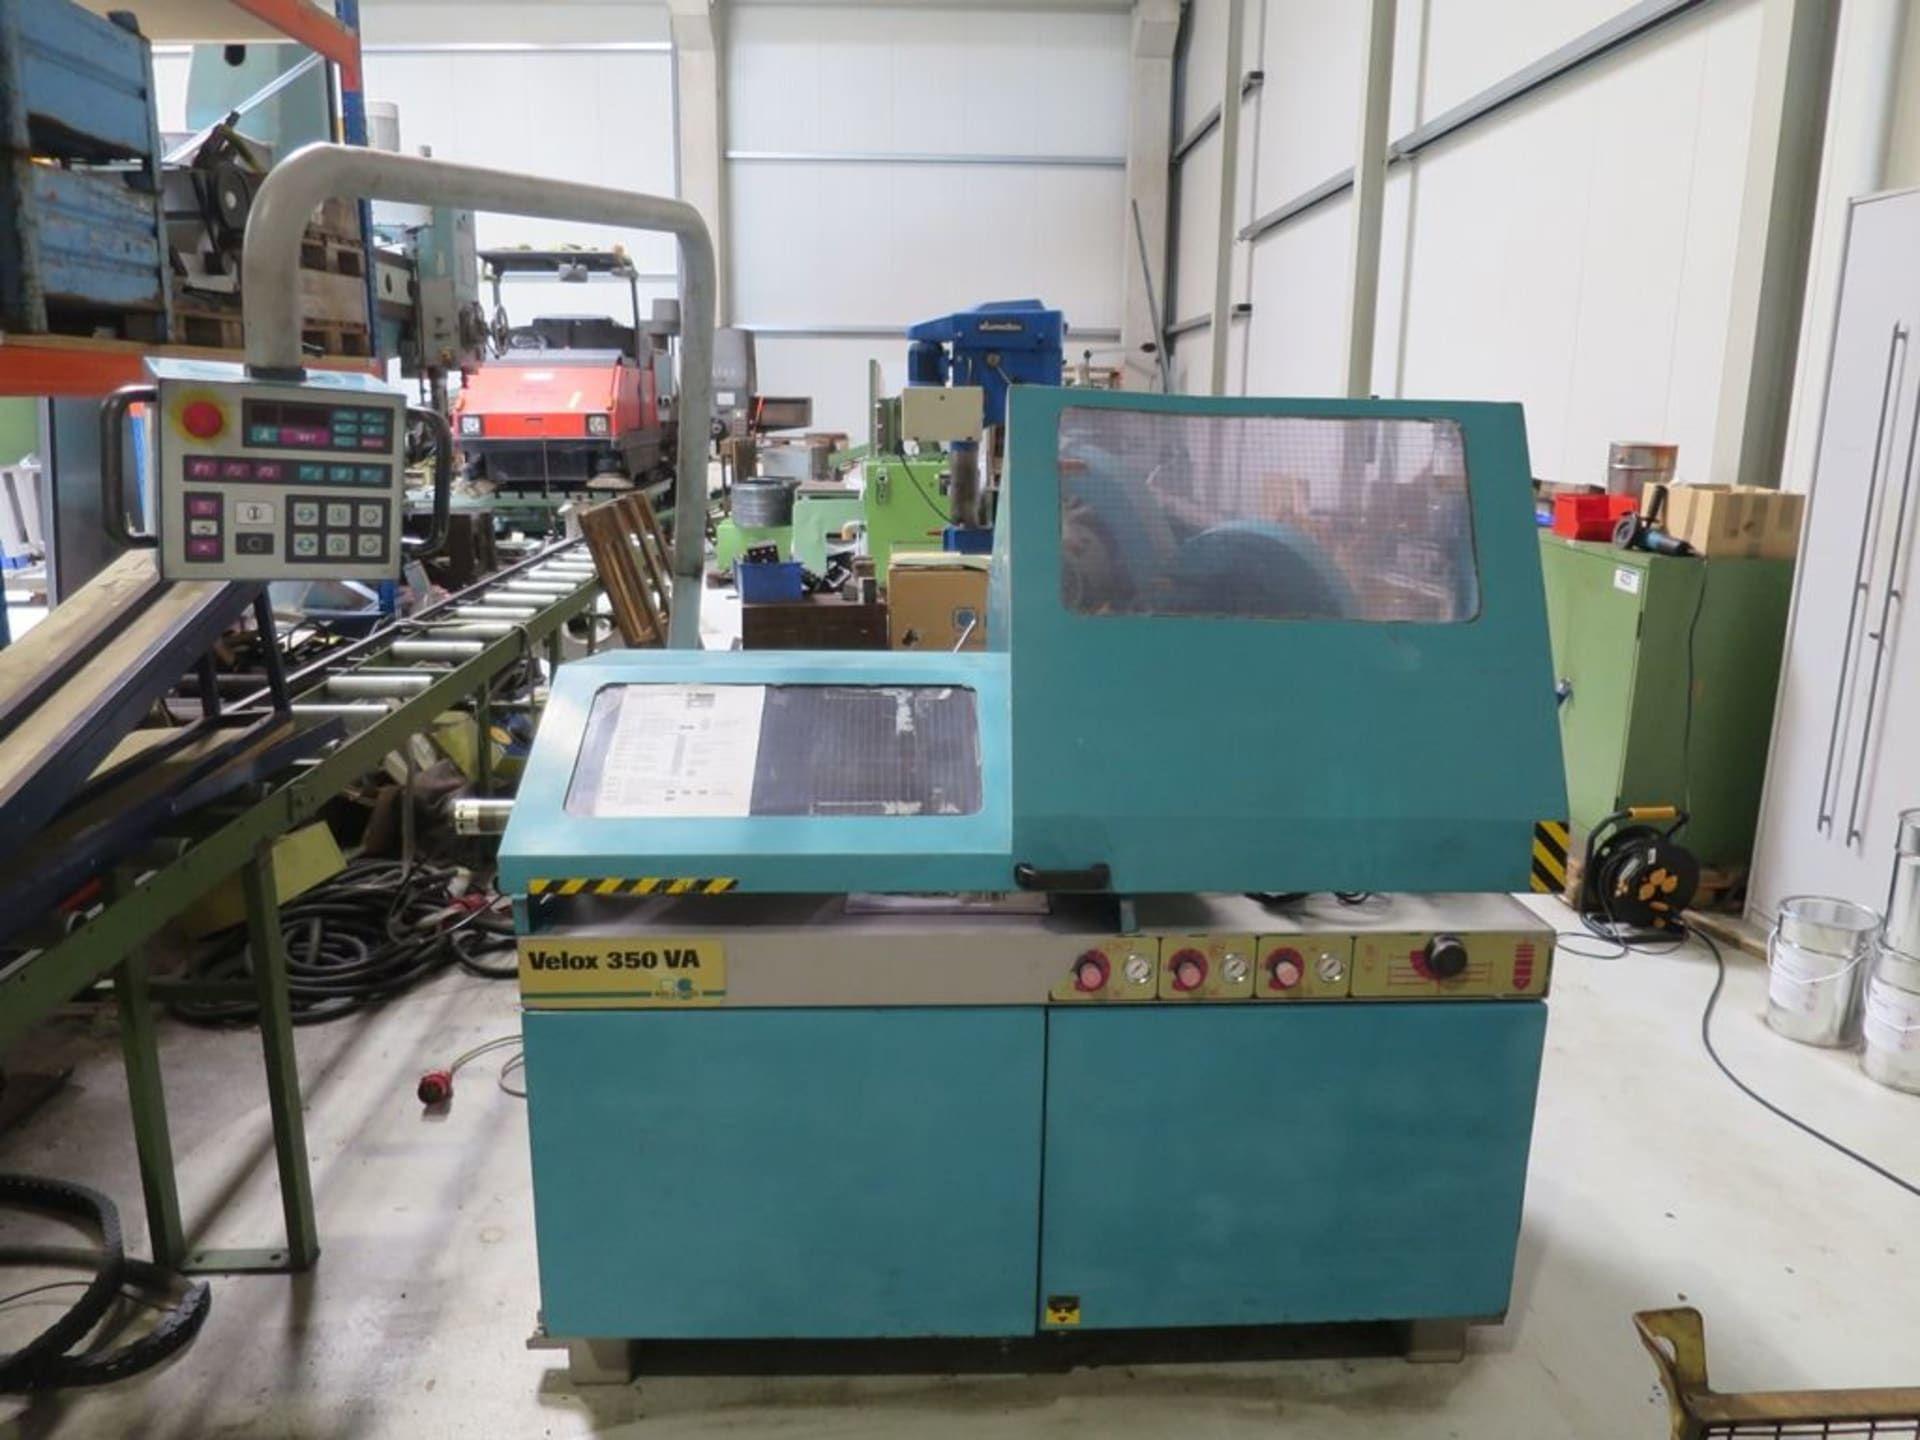 BERG & SCHMID Velox 350 VA Alu-Sägevollautomat